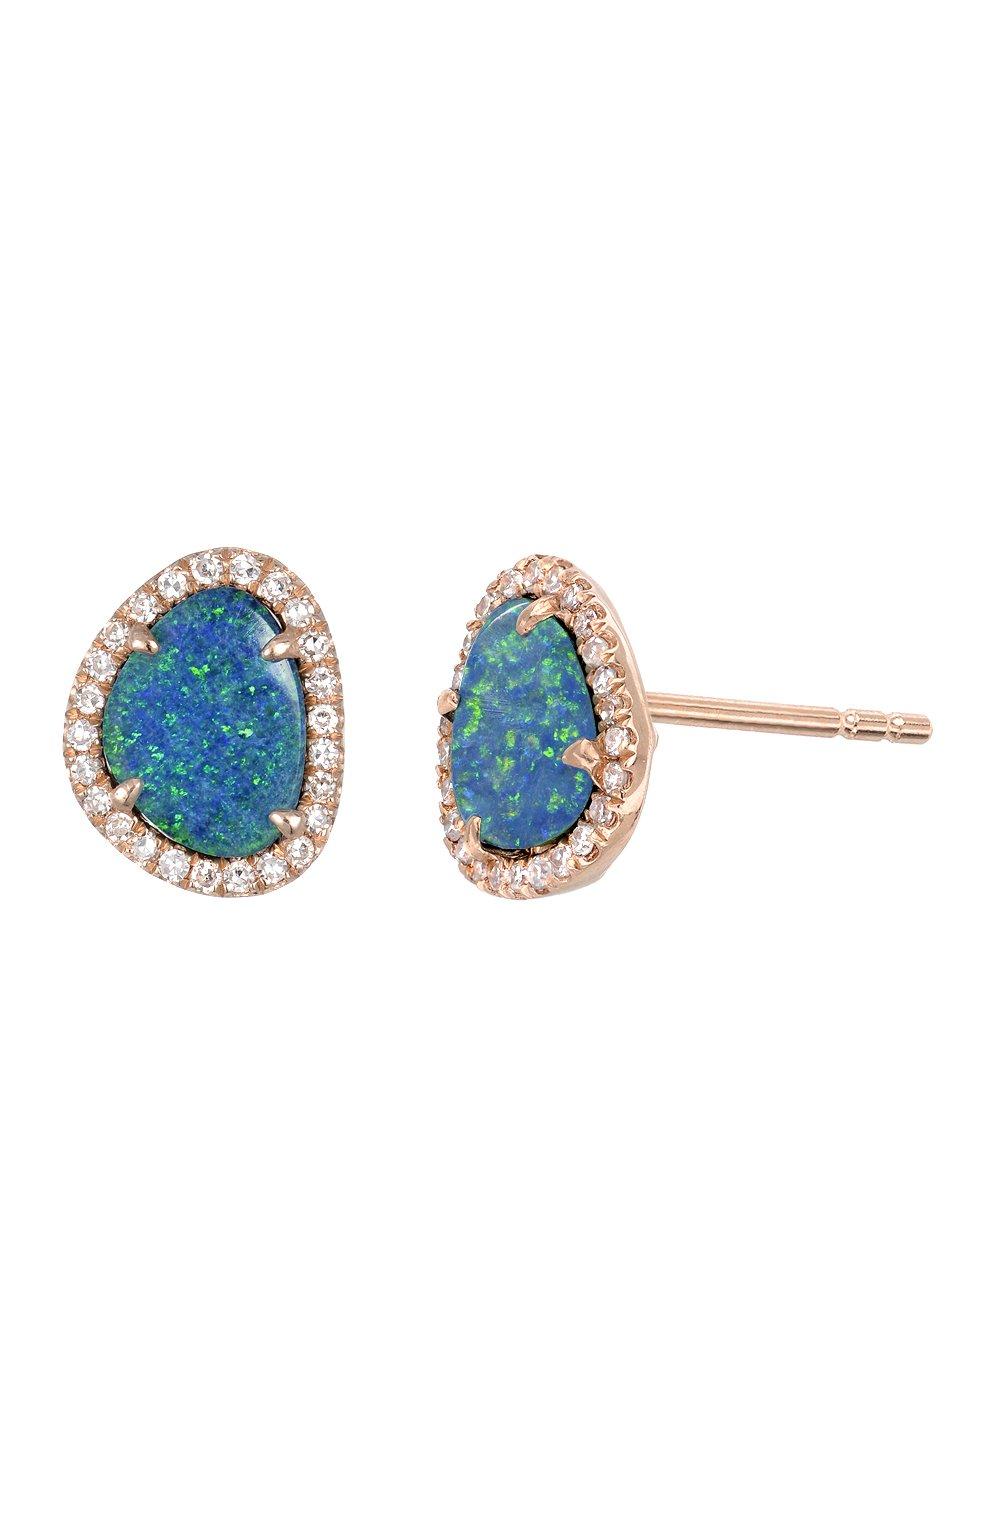 Diamond opal stud earrings, Zoe Lev Jewelry